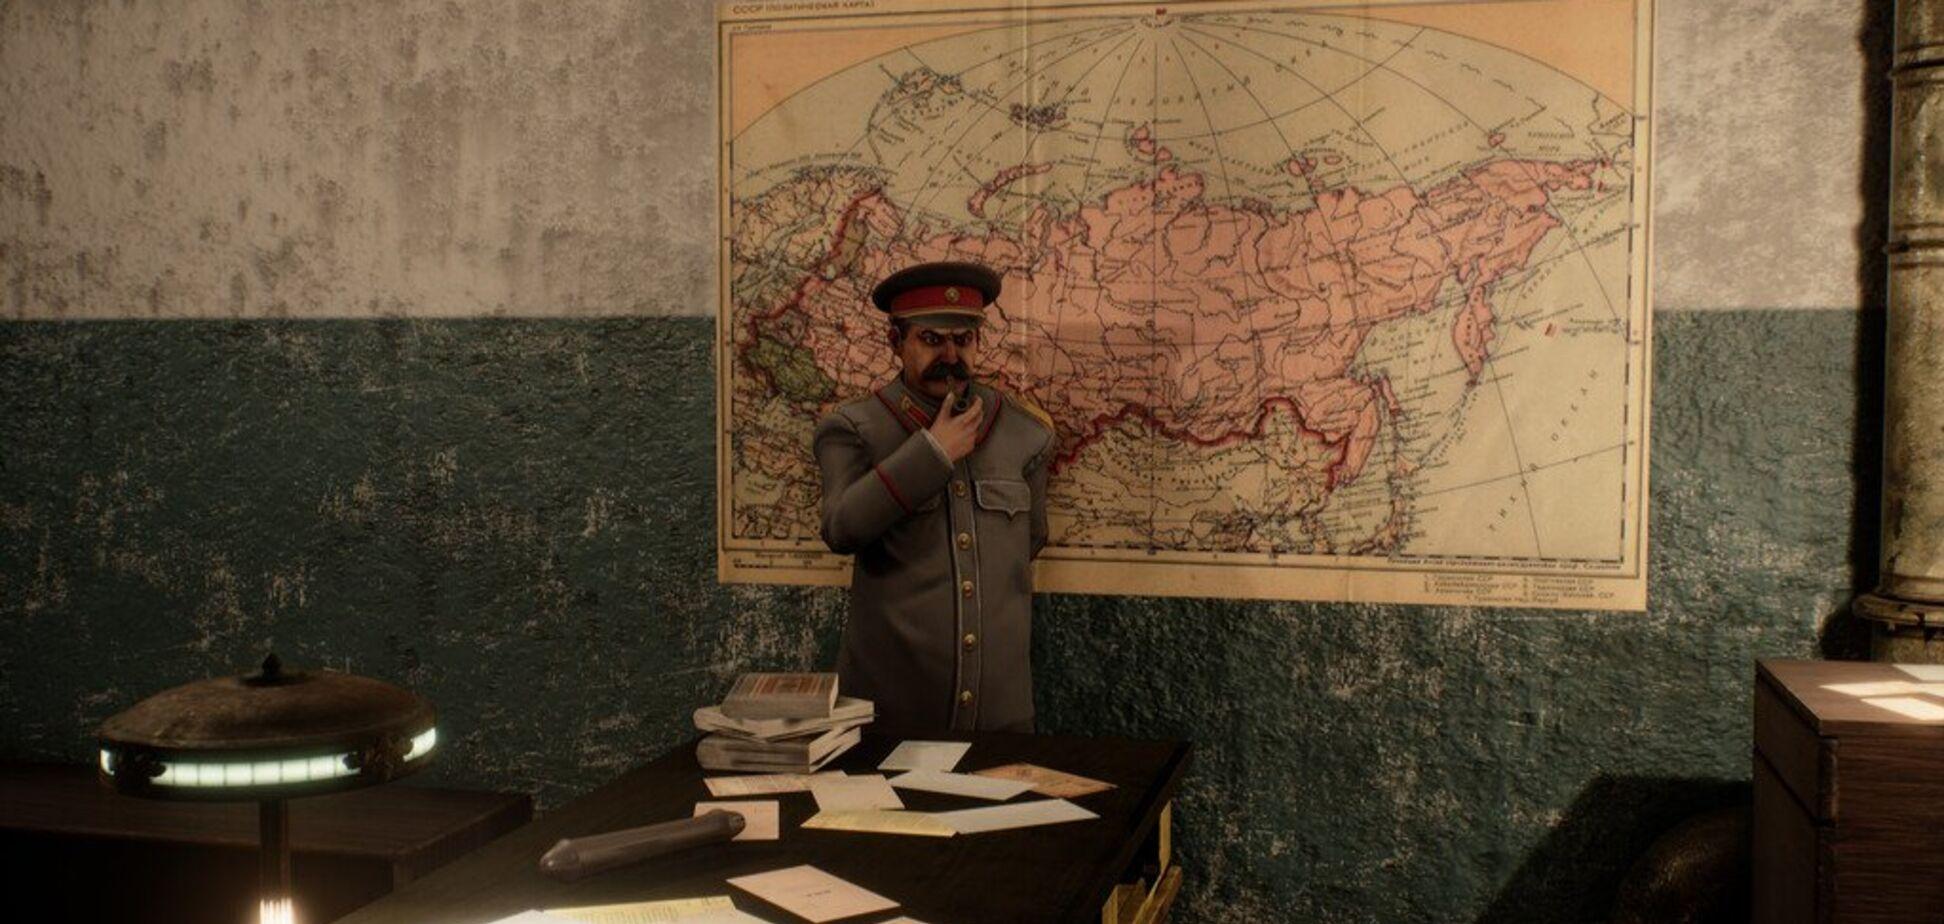 'Чоловіча любов!' У Росії виступили проти секс-гри зі Сталіним